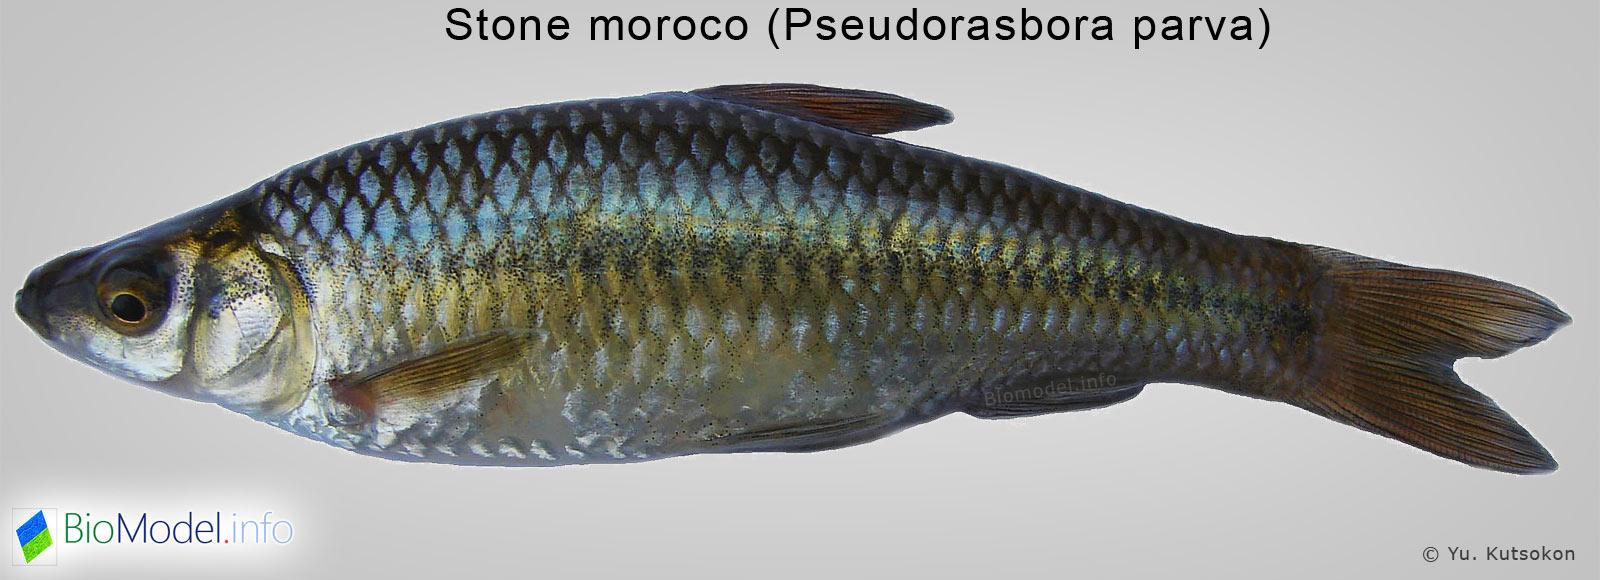 Stone moroco - Pseudorasbora parva